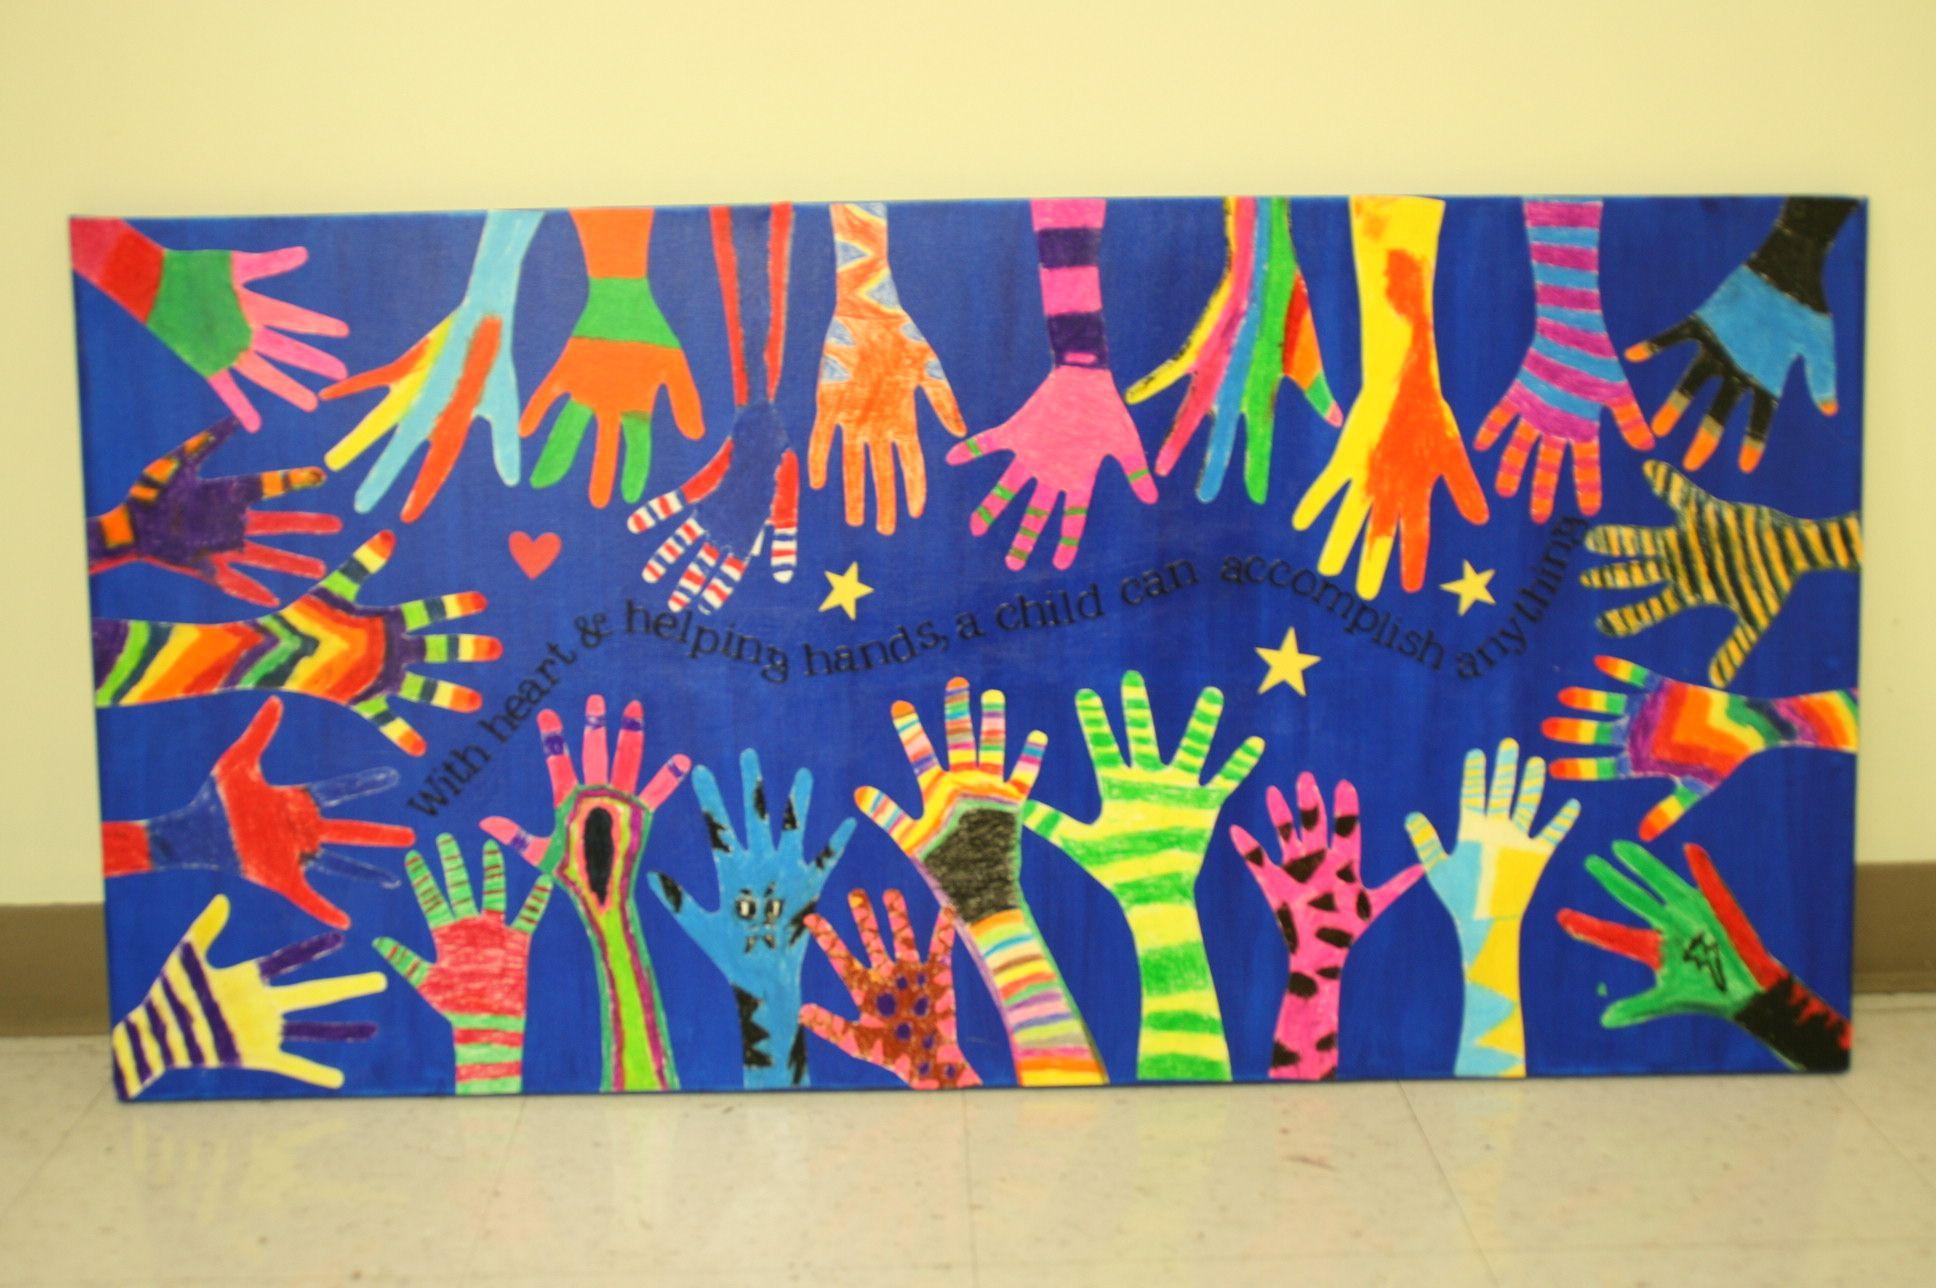 2nd grade class auction project school fundraiser